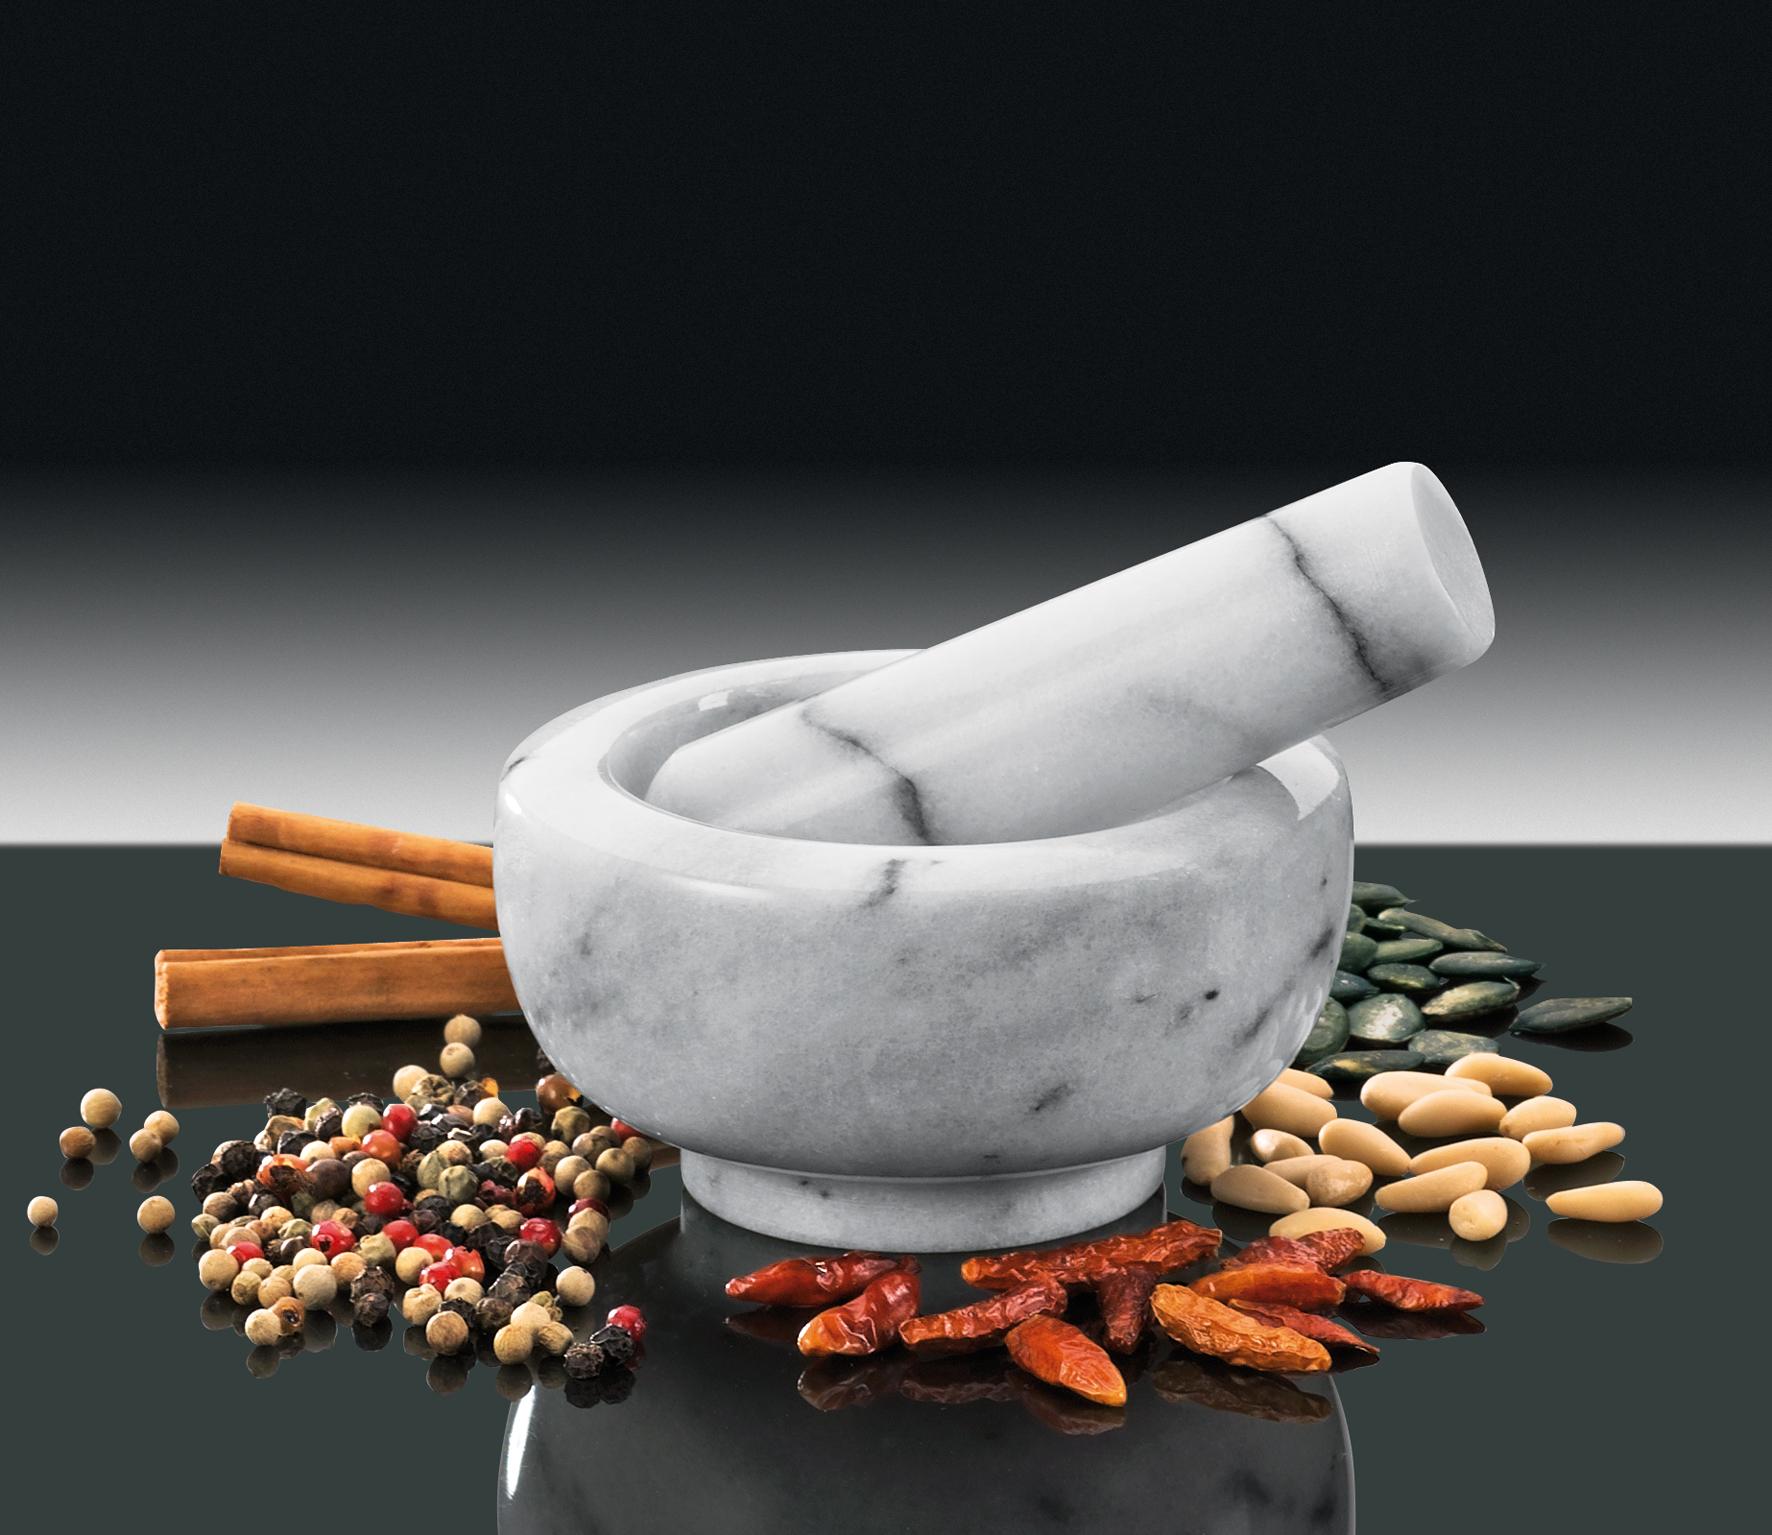 Hmoždíř mramorový bílý 8 cm - Küchenprofi